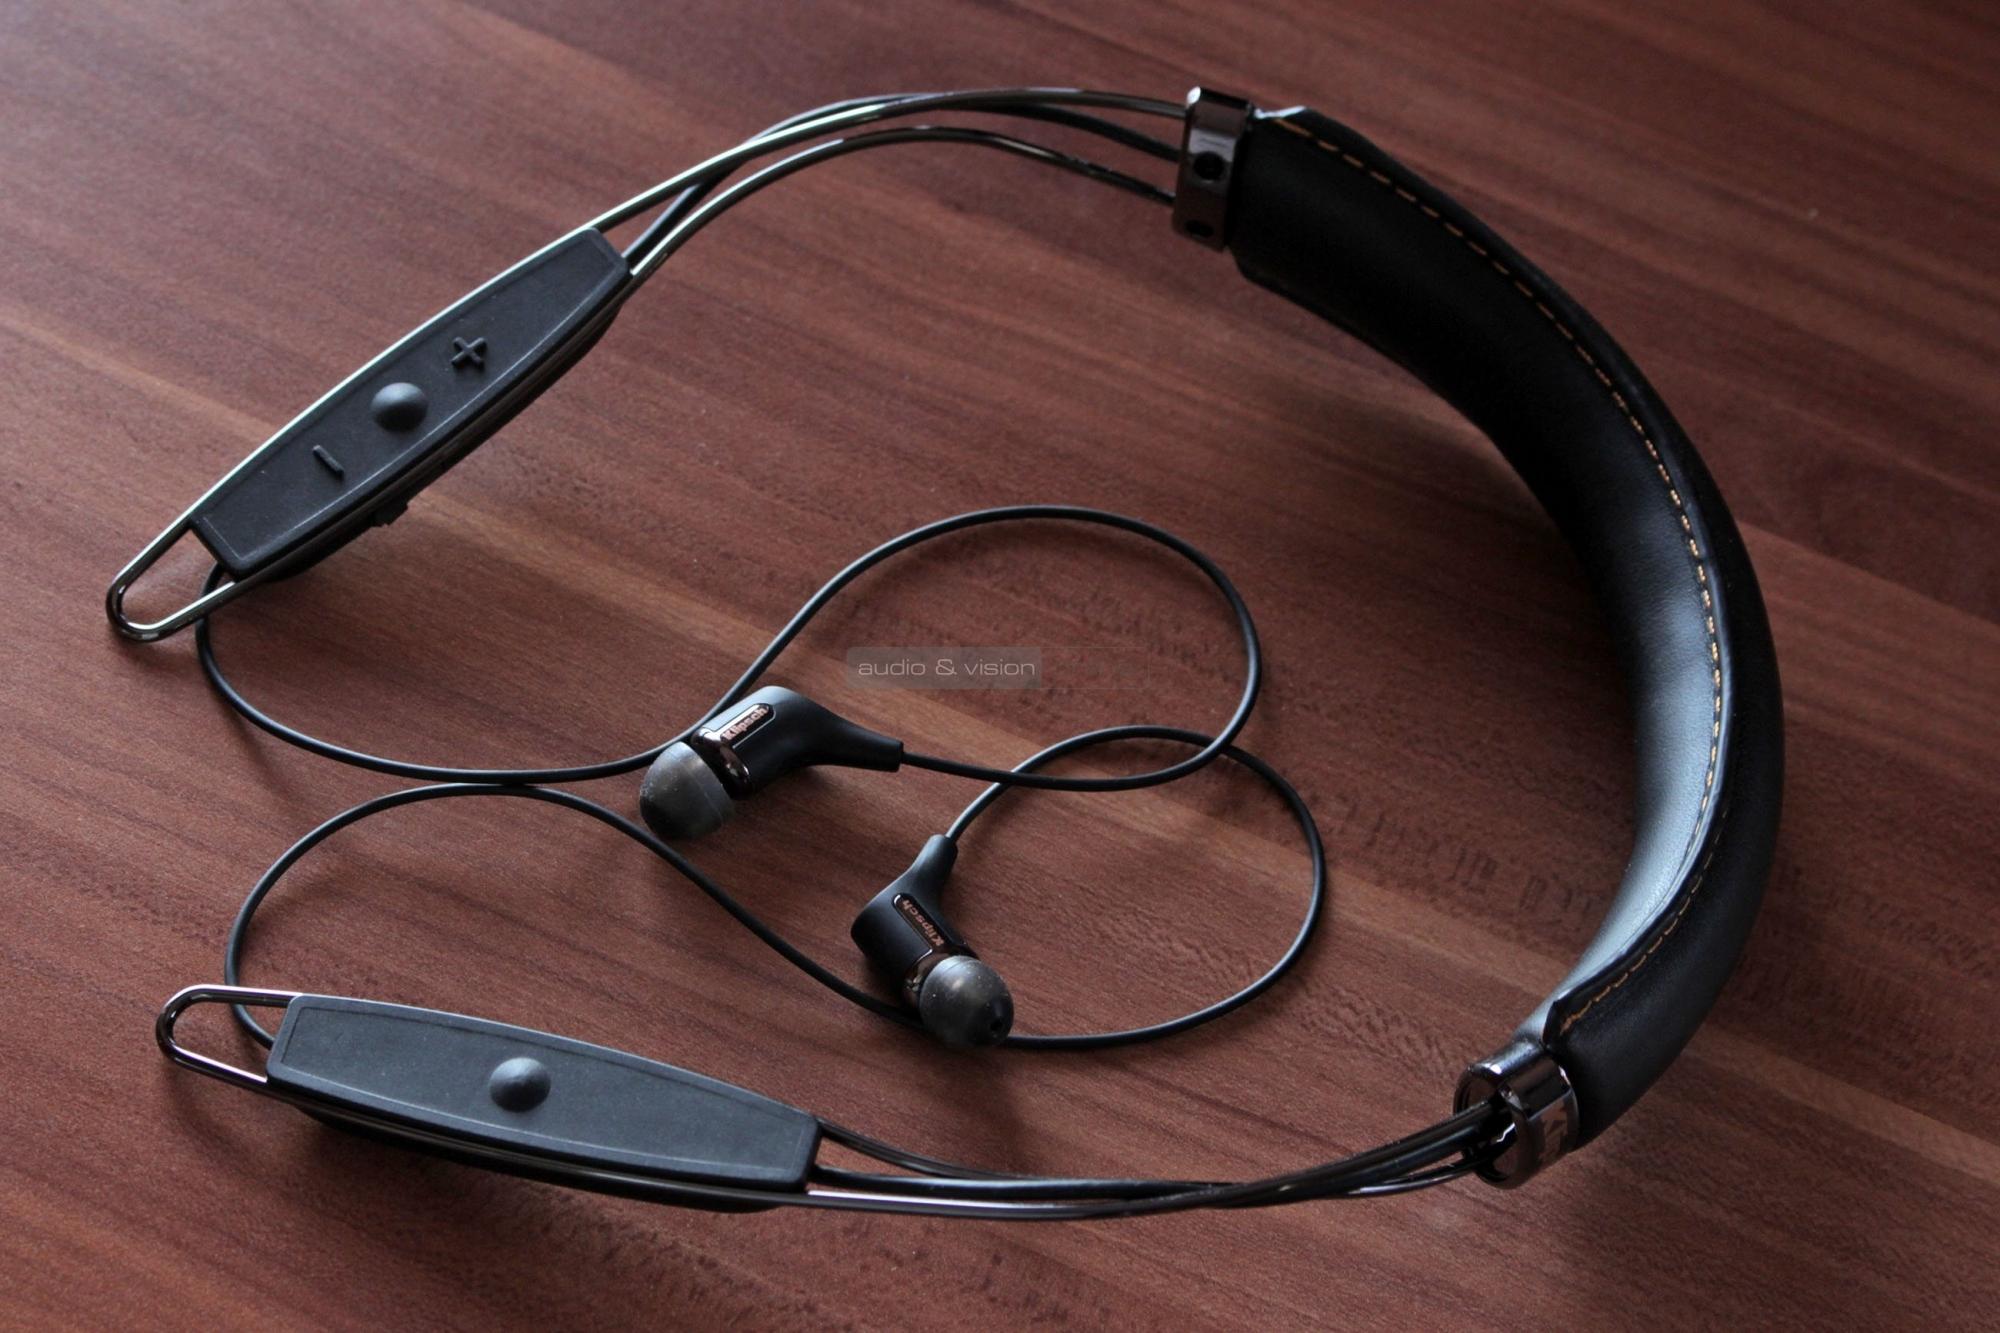 Klipsch R6 Neckband Bluetooth fülhallgató. Kattints ... 90b73db0b9